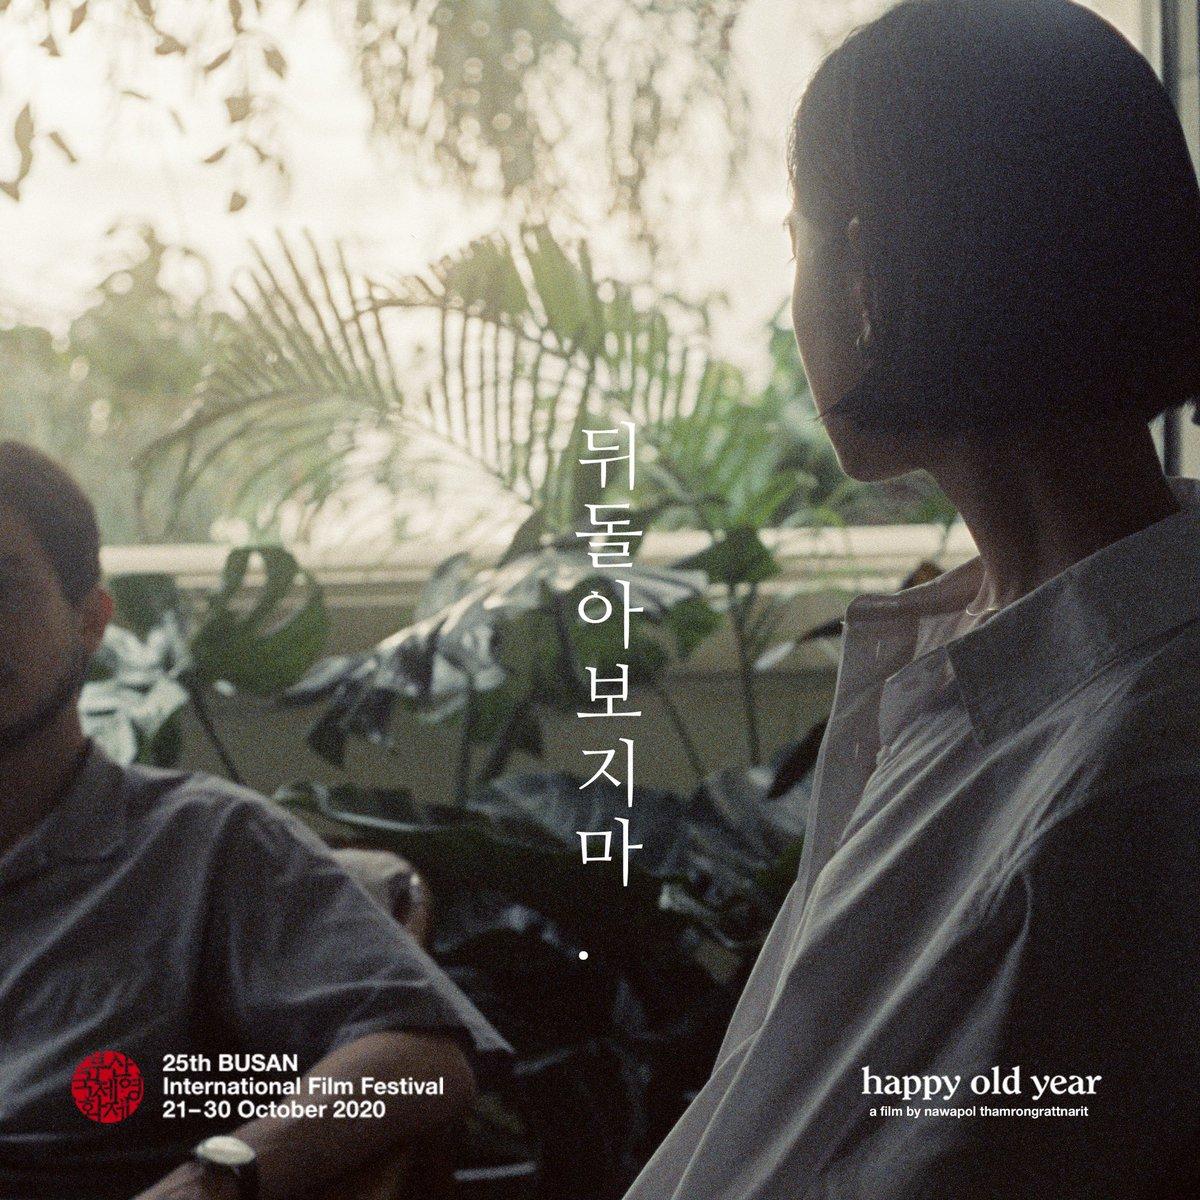 뒤돌아 보지마 .  เทศกาลหนังลำดับที่ 7 ของ #ฮาวทูทิ้ง / #happyoldyear  เป็นการเดินทางสู่เทศกาลหนังที่รัวจัด ประกาศกันต่อเนื่องที่เทศกาลภาพยนตร์นานาชาติ BUSAN INTERNATIONAL FILM FESTIVAL 2020 แหล่งกำเนิดหนังเรื่องแรกอย่าง 36 เลยดีใจมากๆที่ได้กลับไปเทศกาลนี้  #ハッピーオールドイヤー https://t.co/2KjDTBJL8k